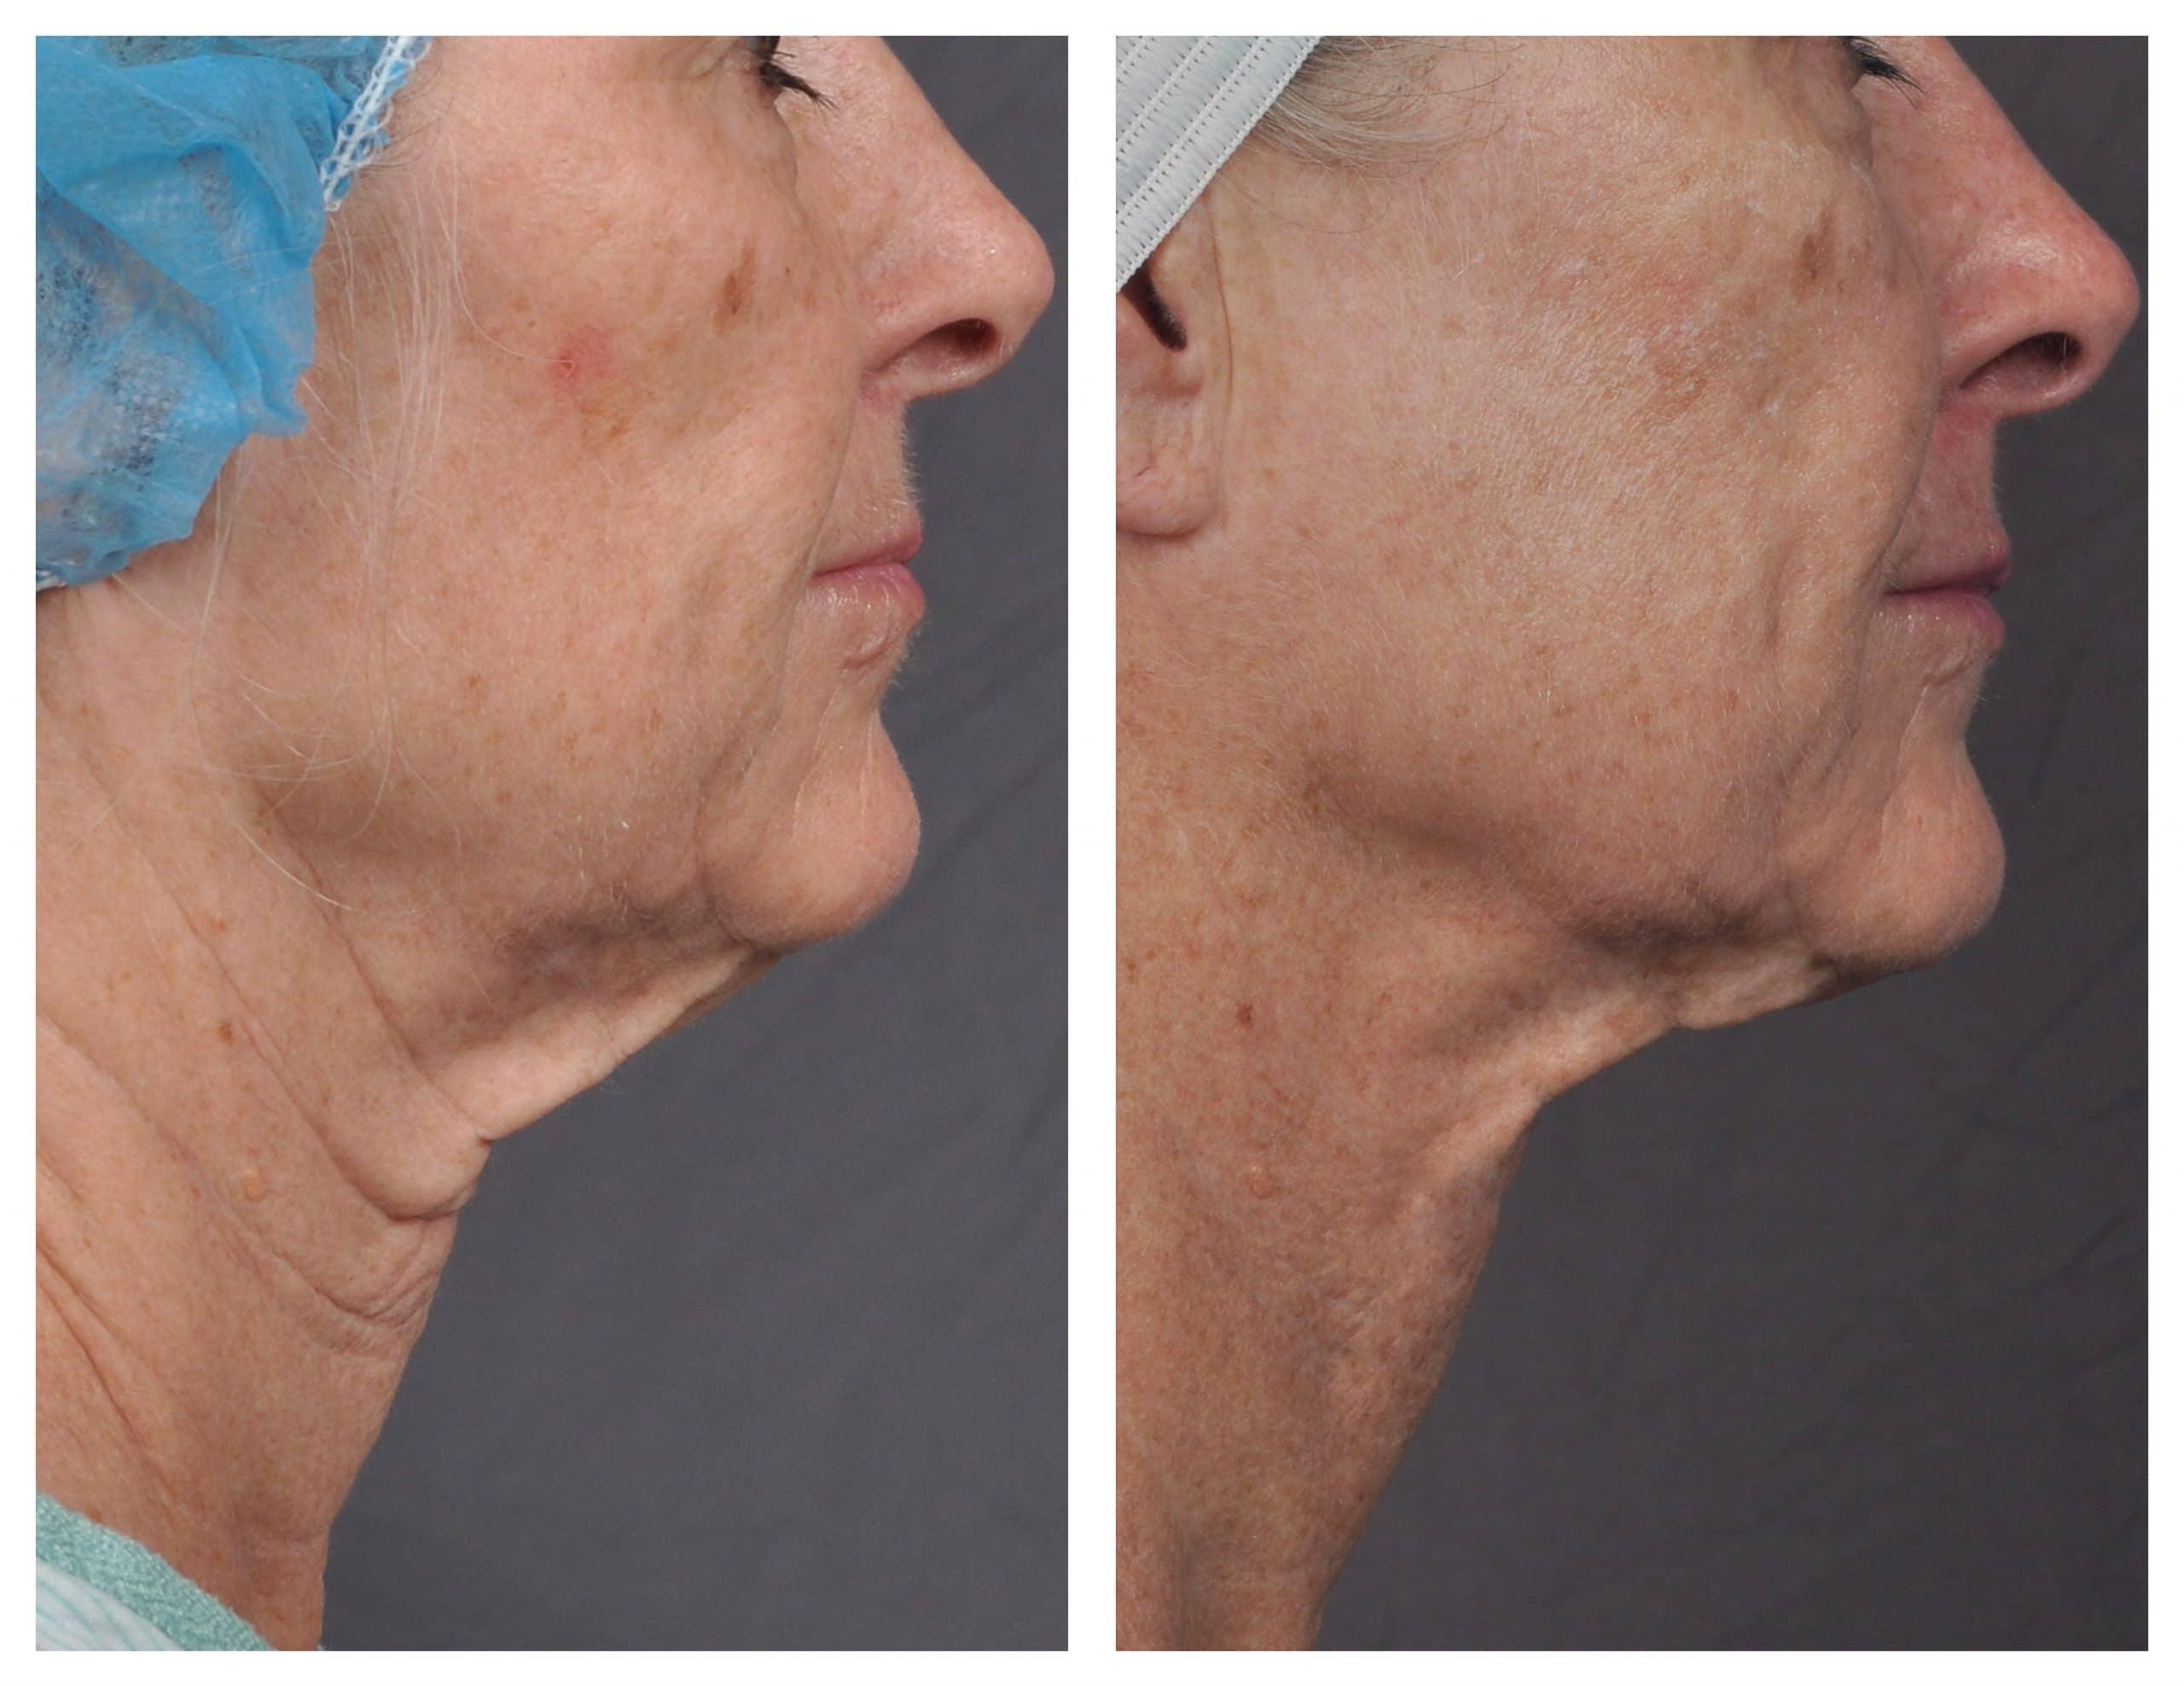 Skin Tightening with J-Plasma/J-plazty by Renuvion